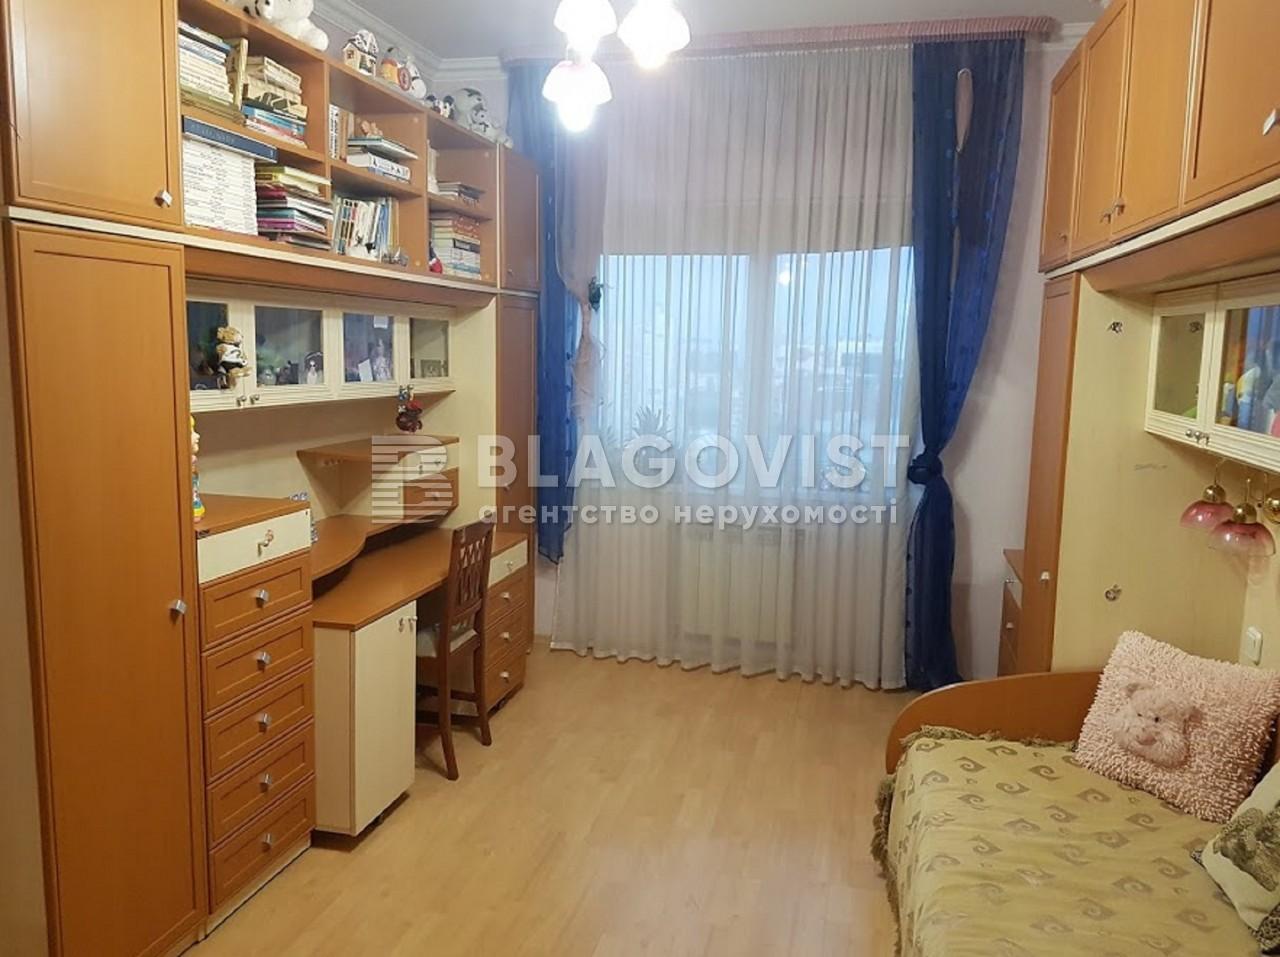 Квартира Z-370778, Антоновича (Горького), 140, Киев - Фото 12